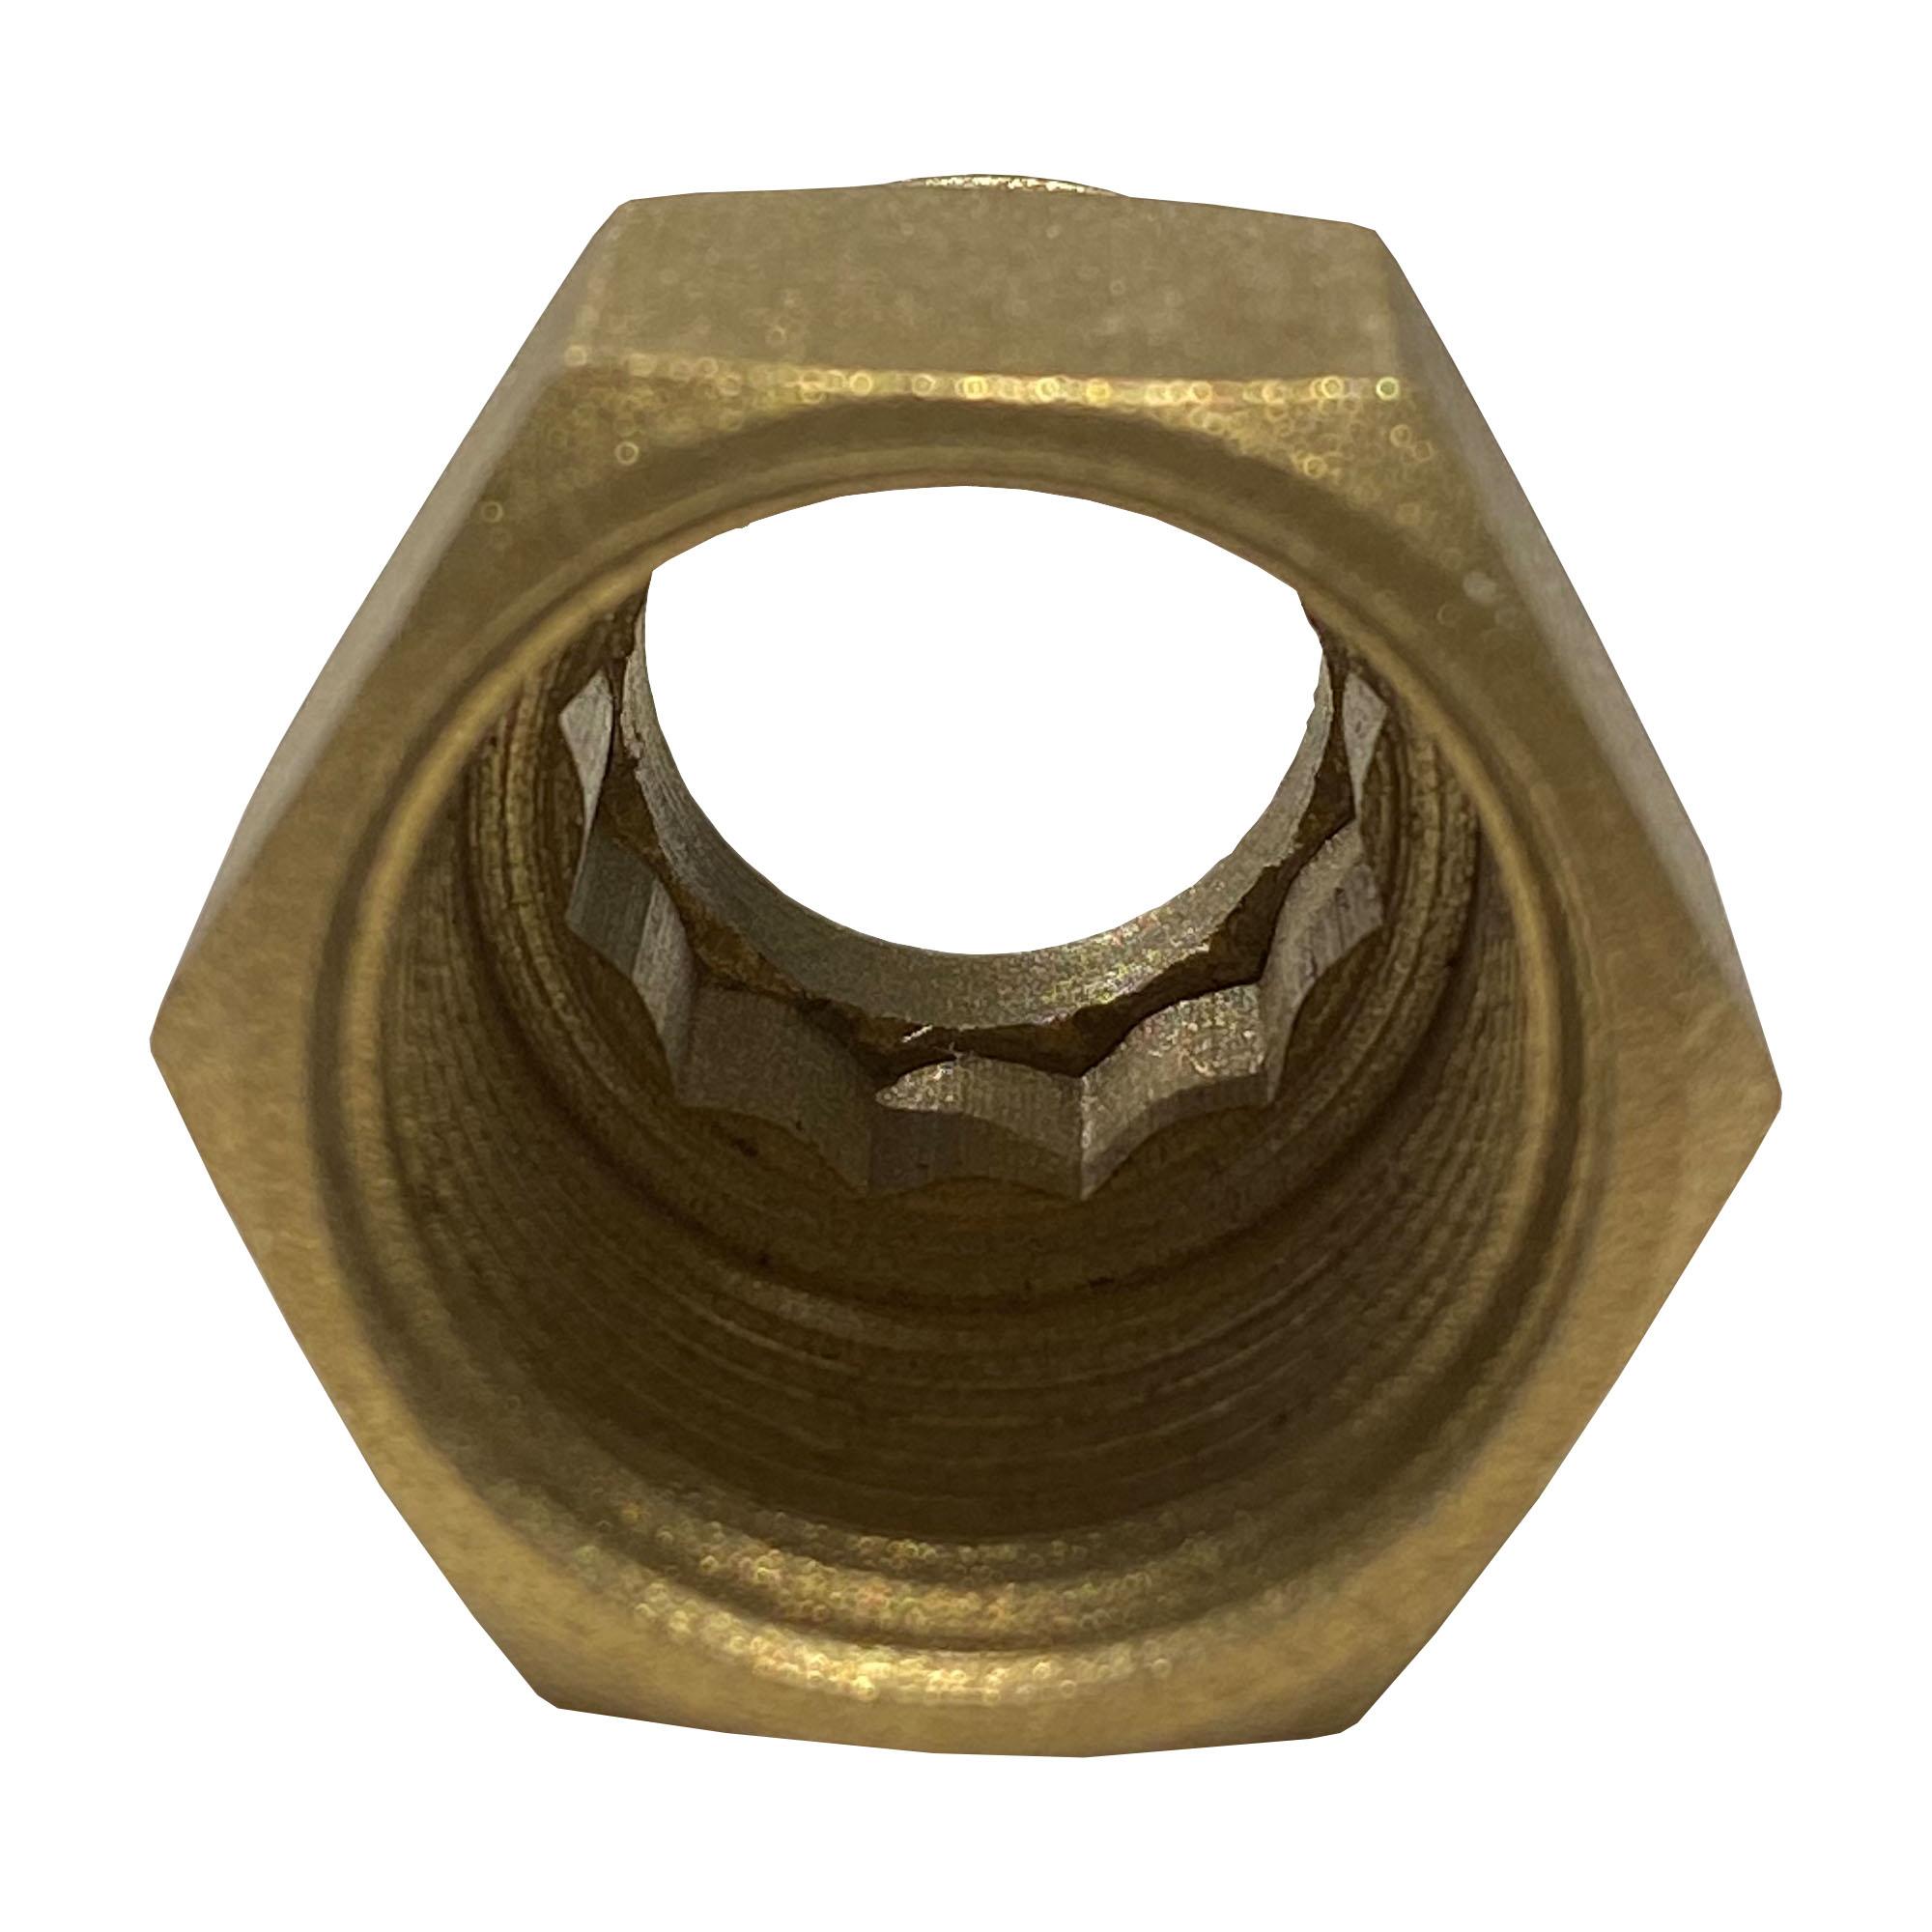 اتصال روپیچ توپیچ کد 20 بسته 10 عددی              ( قیمت عمده )